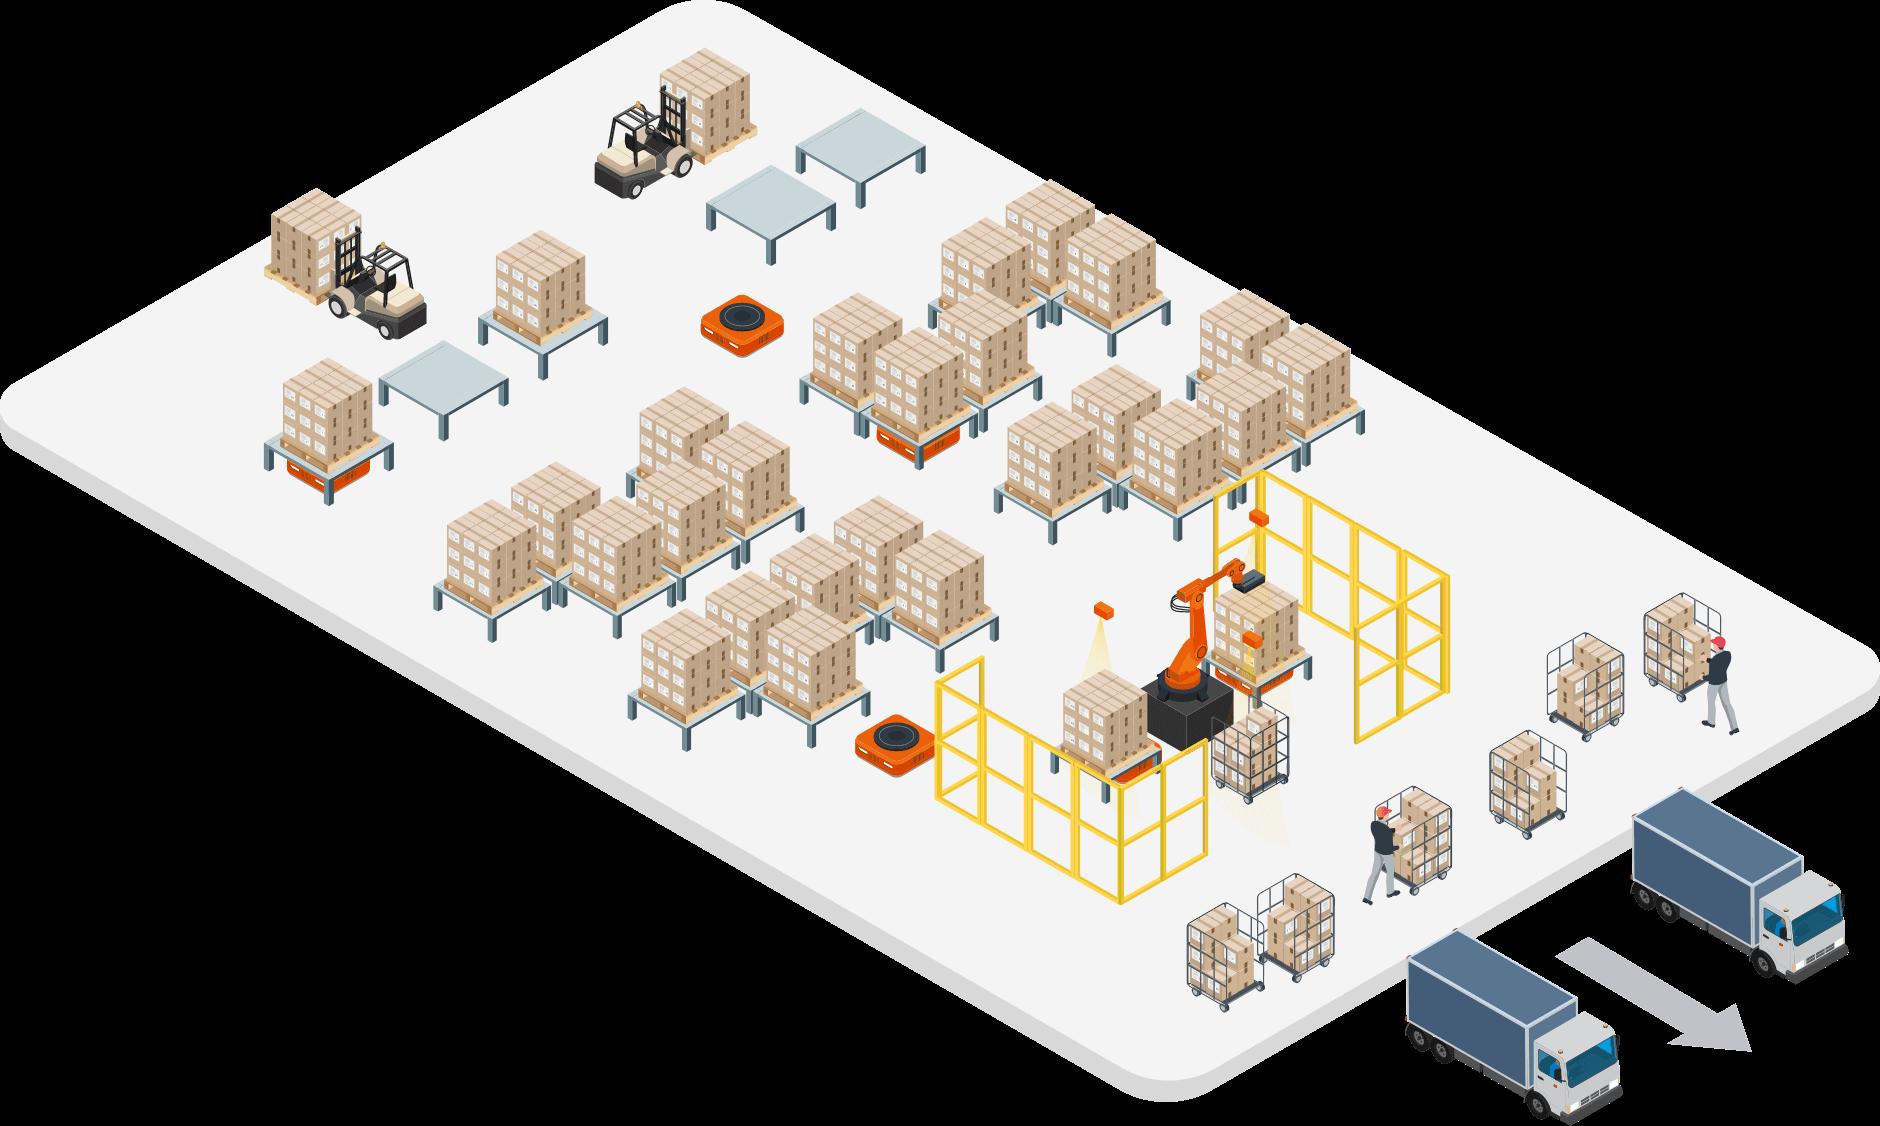 『 特売品積み付けパッケージ』で特売品・高頻度品の出荷積み付け工程を完全自動化